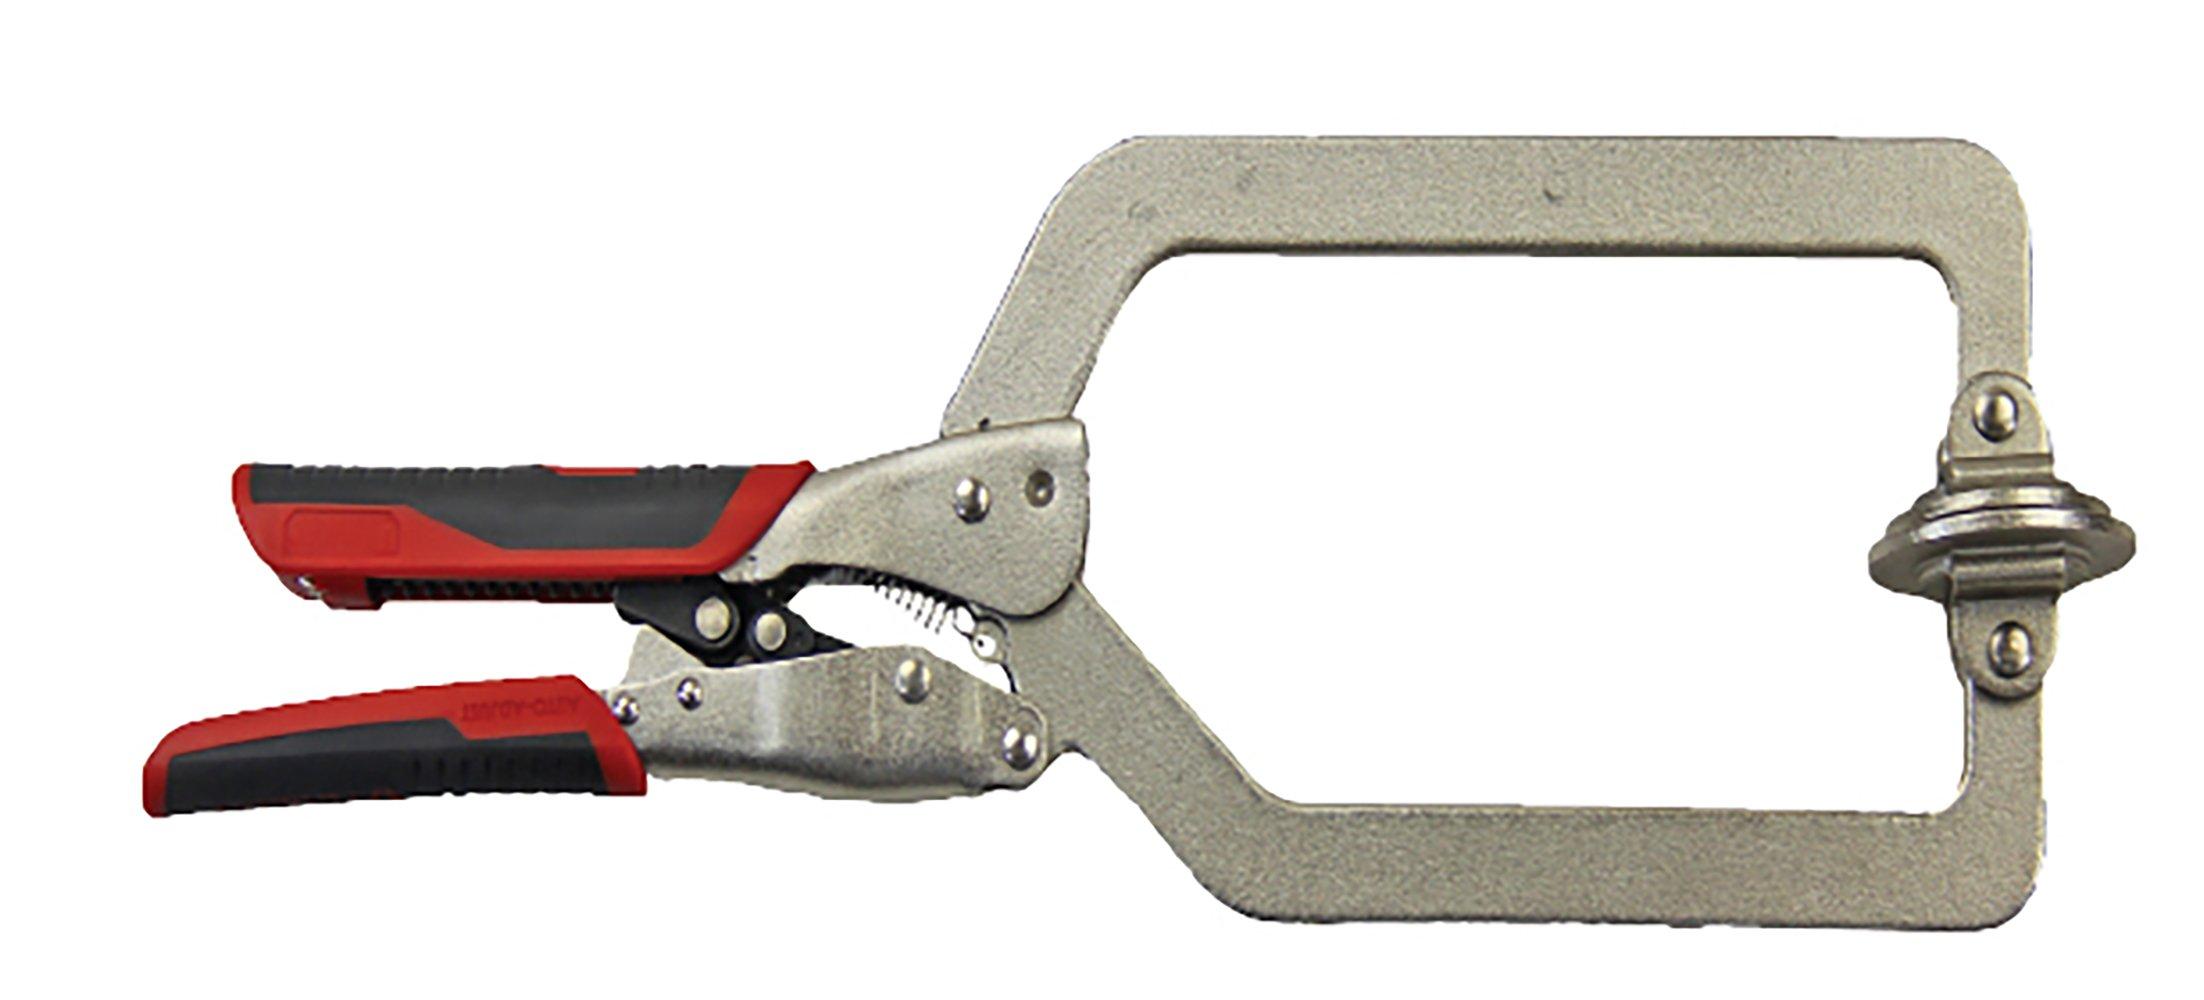 Armor-Tool 3FC-70 Auto Adjust Face Clamp, 3''